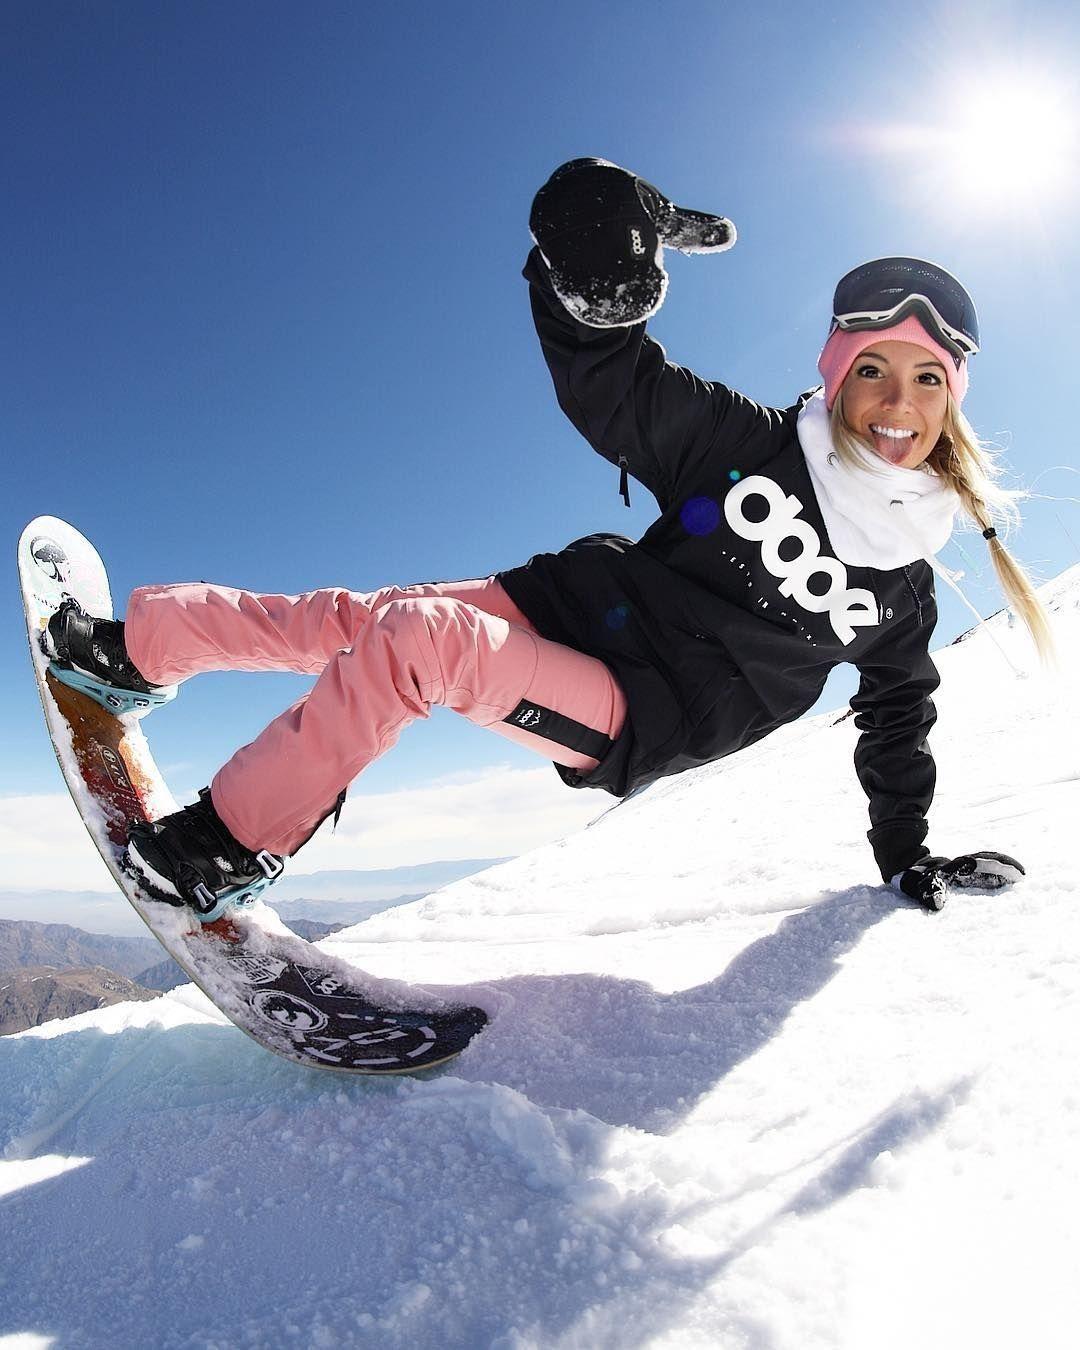 Подписями прикол, картинки сноубордиста девушки